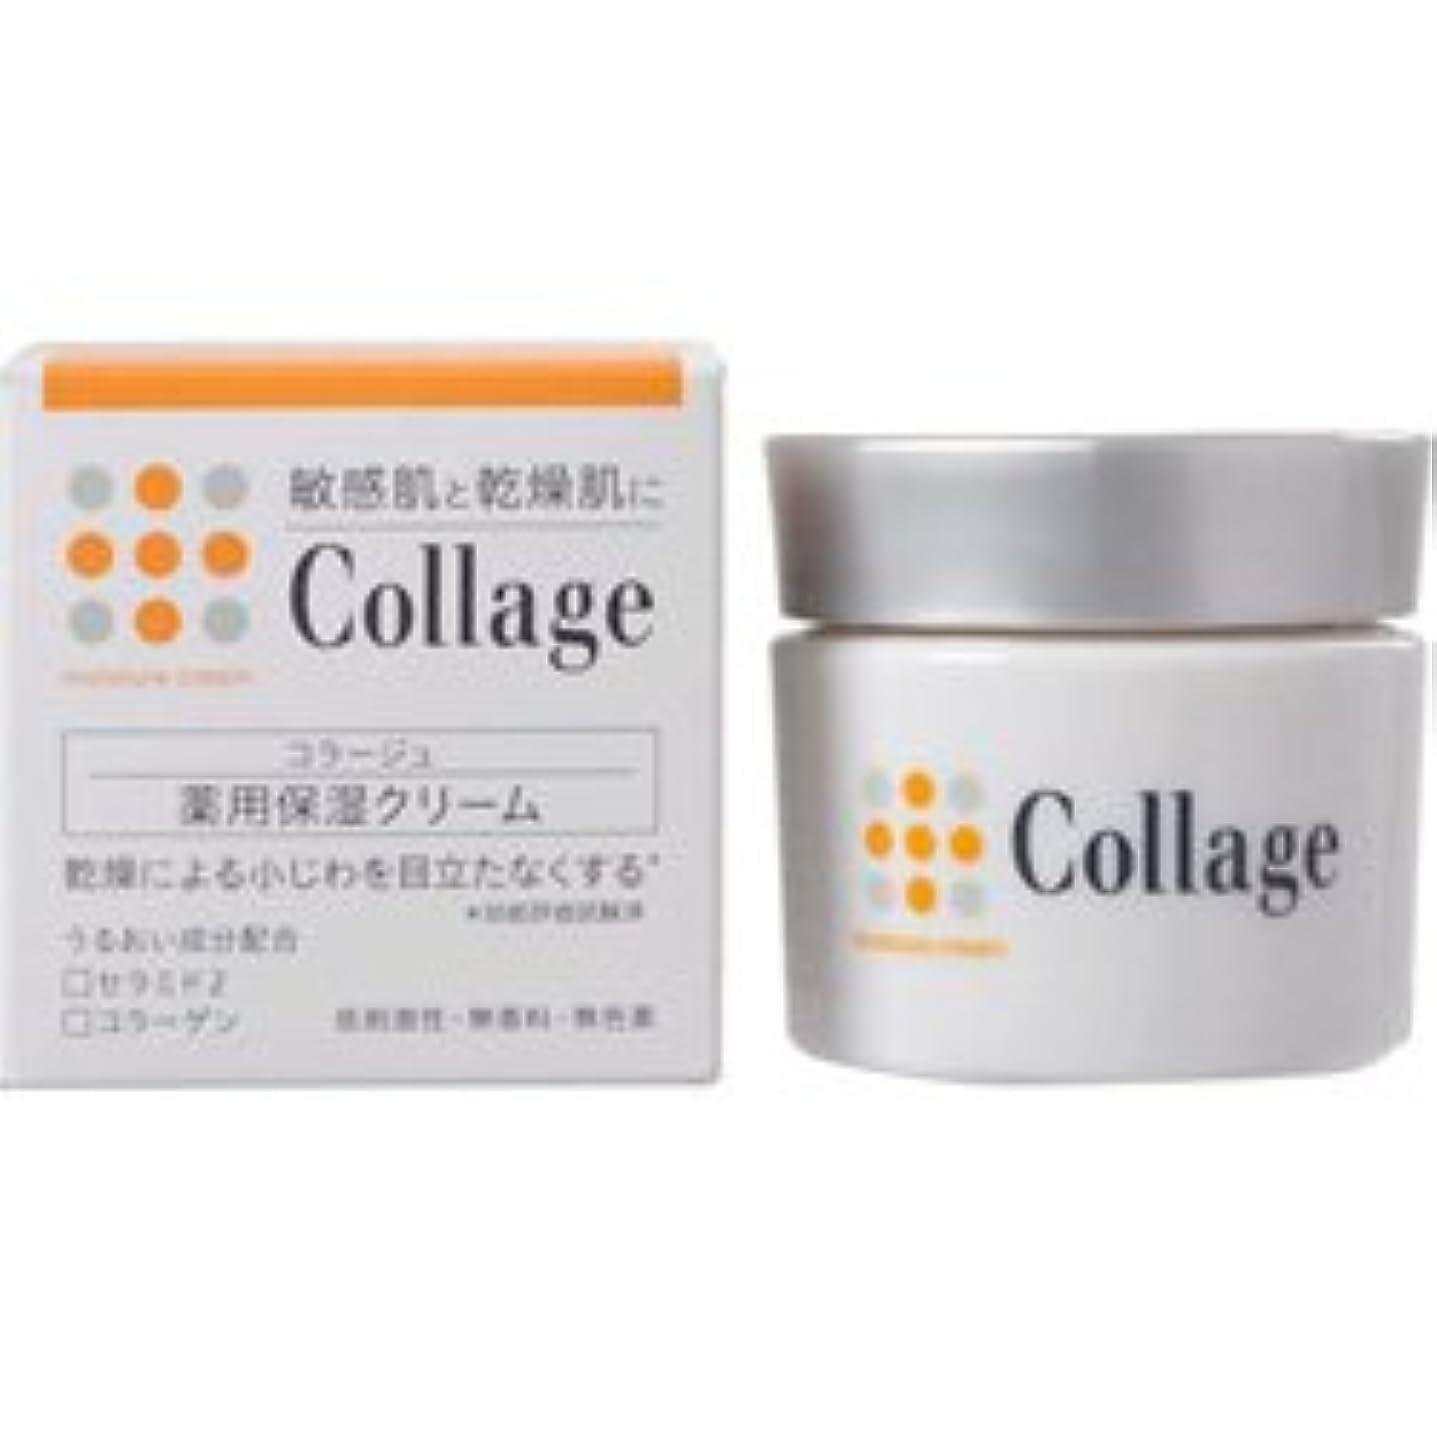 博物館スタッフセラー【持田ヘルスケア】 コラージュ薬用保湿クリーム 30g (医薬部外品) ×10個セット